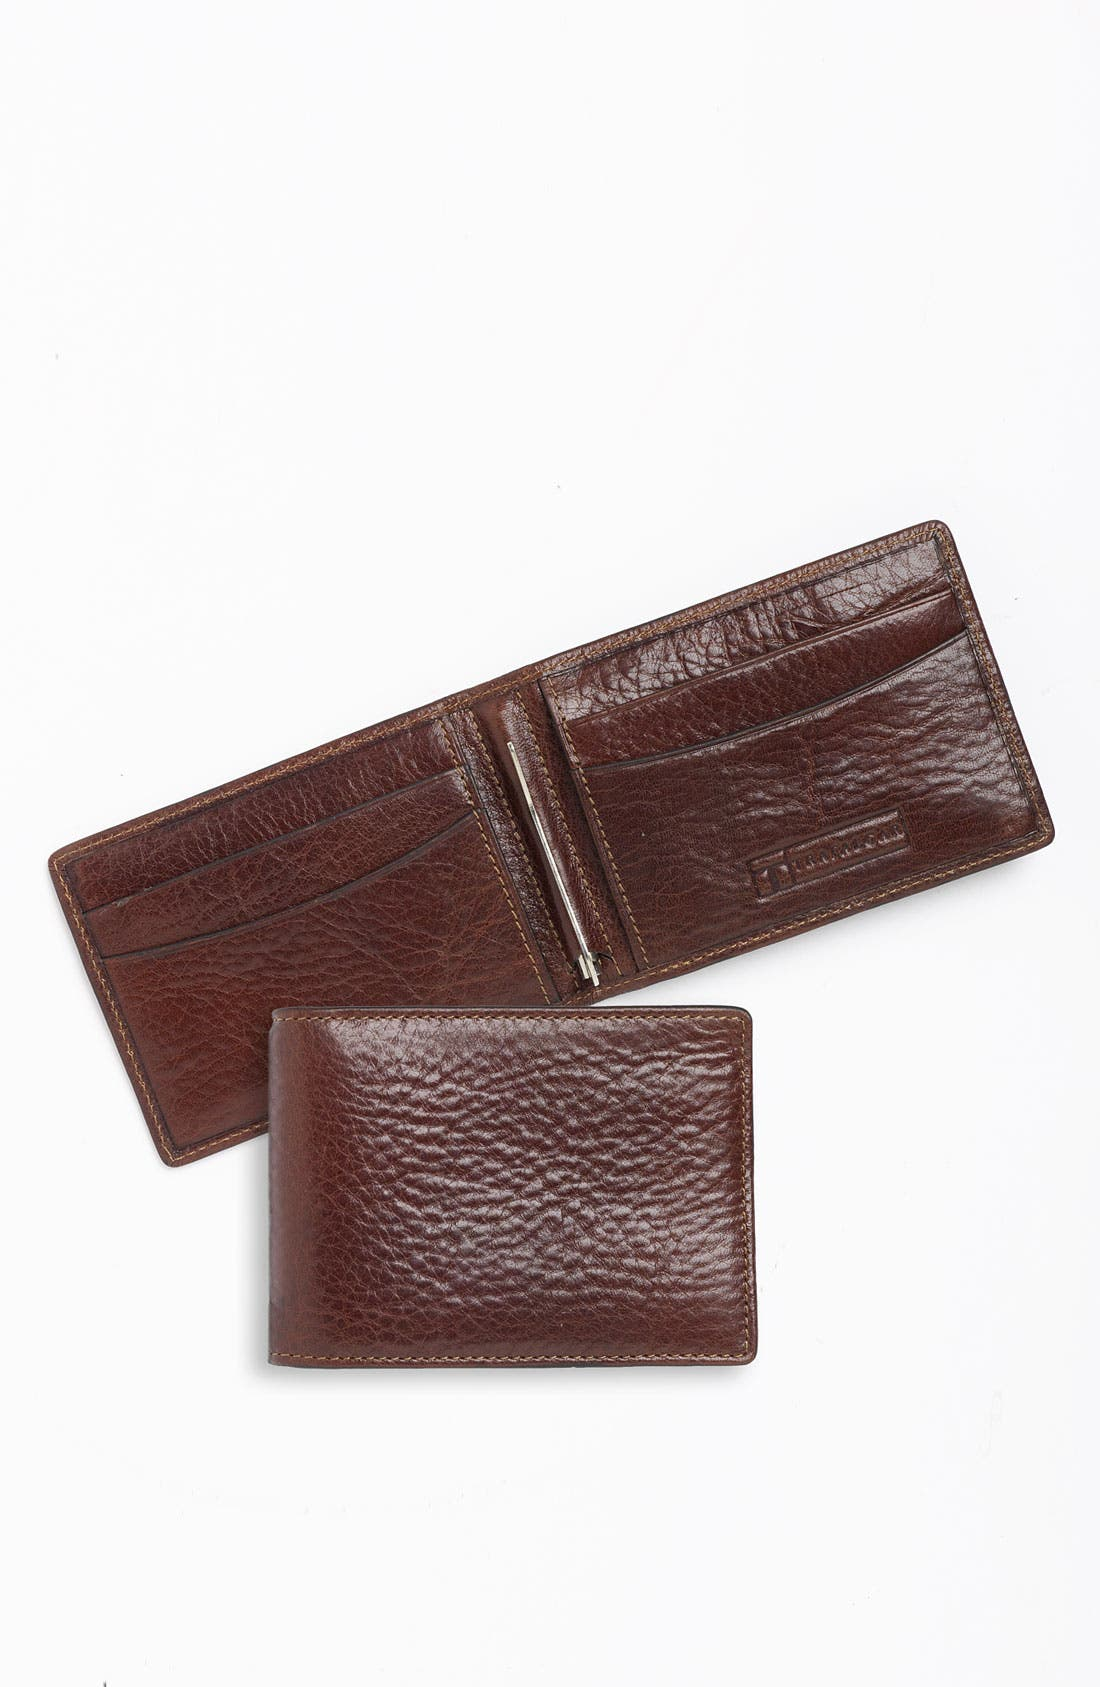 Main Image - Trafalgar 'Chesapeake' Bifold Wallet